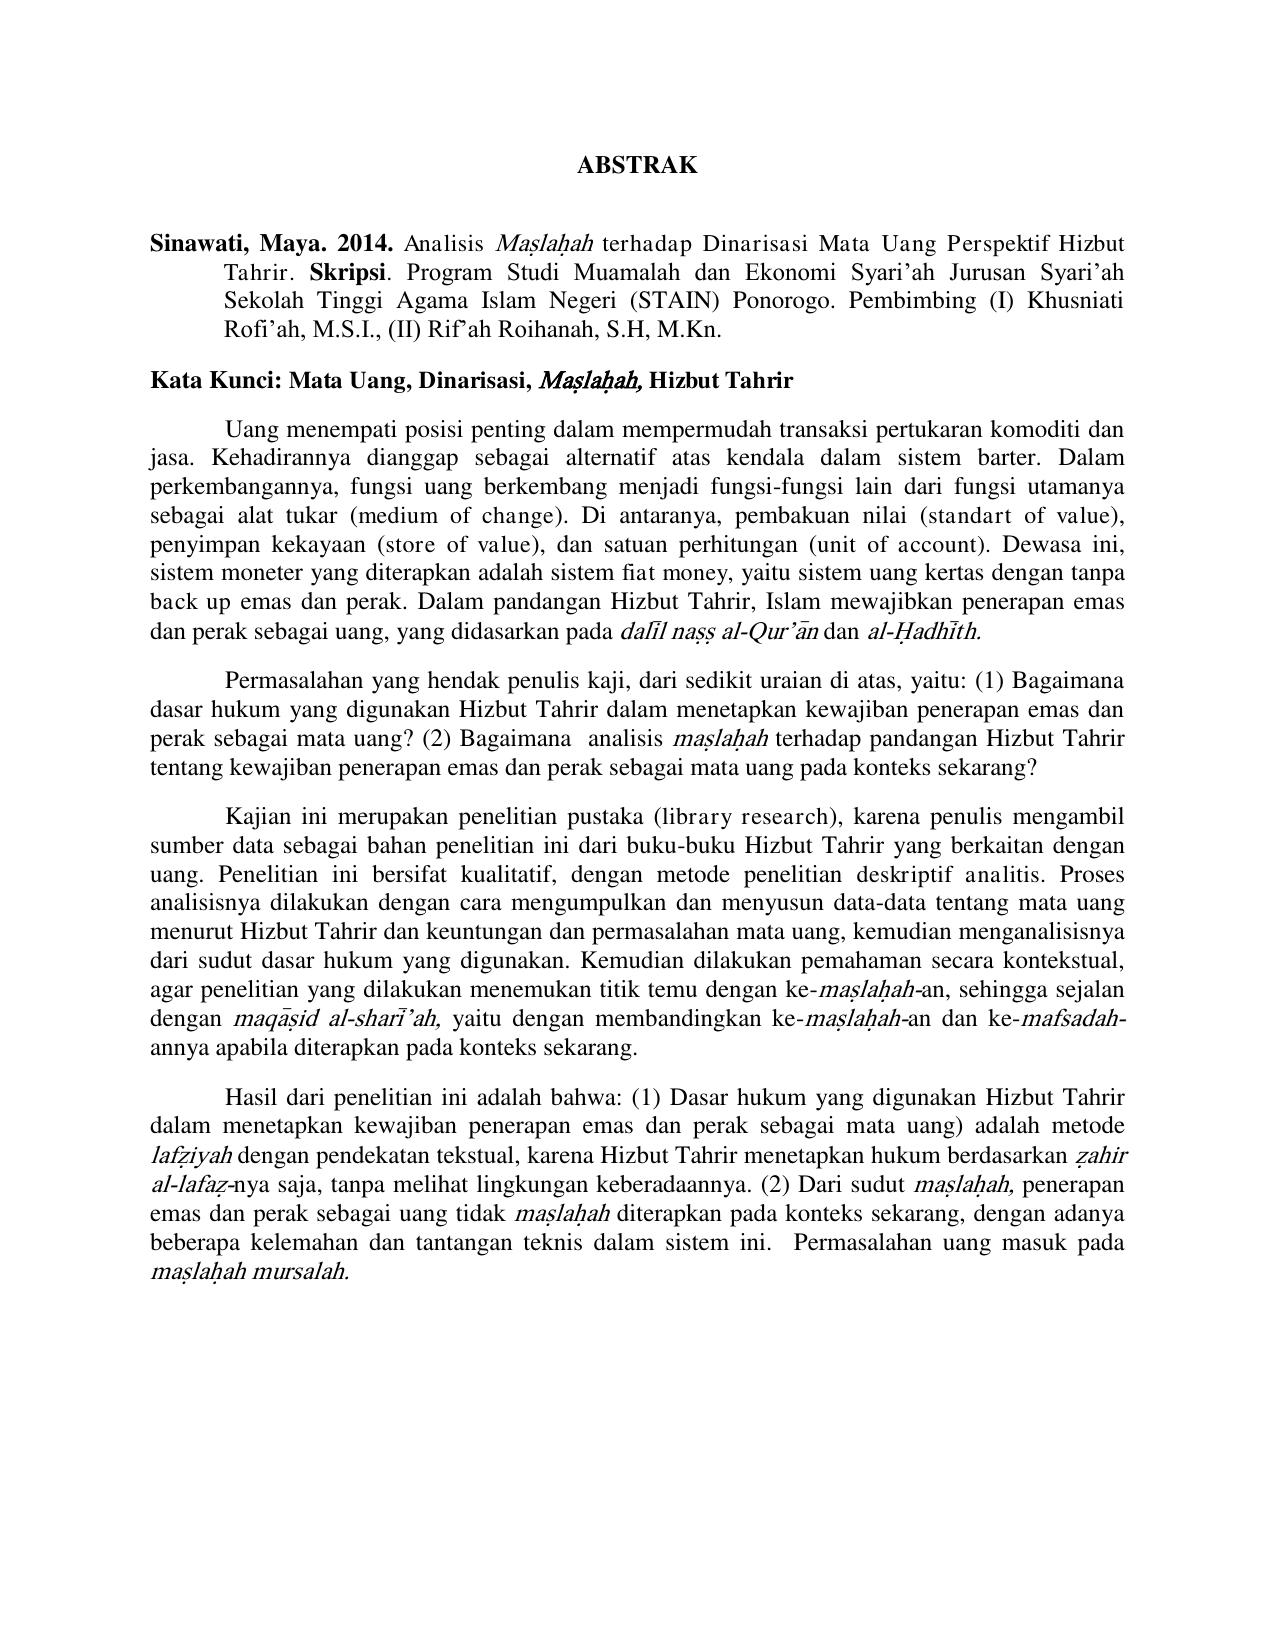 Abstrak Tahrir Skripsi Program Studi Muamalah Dan Ekonomi